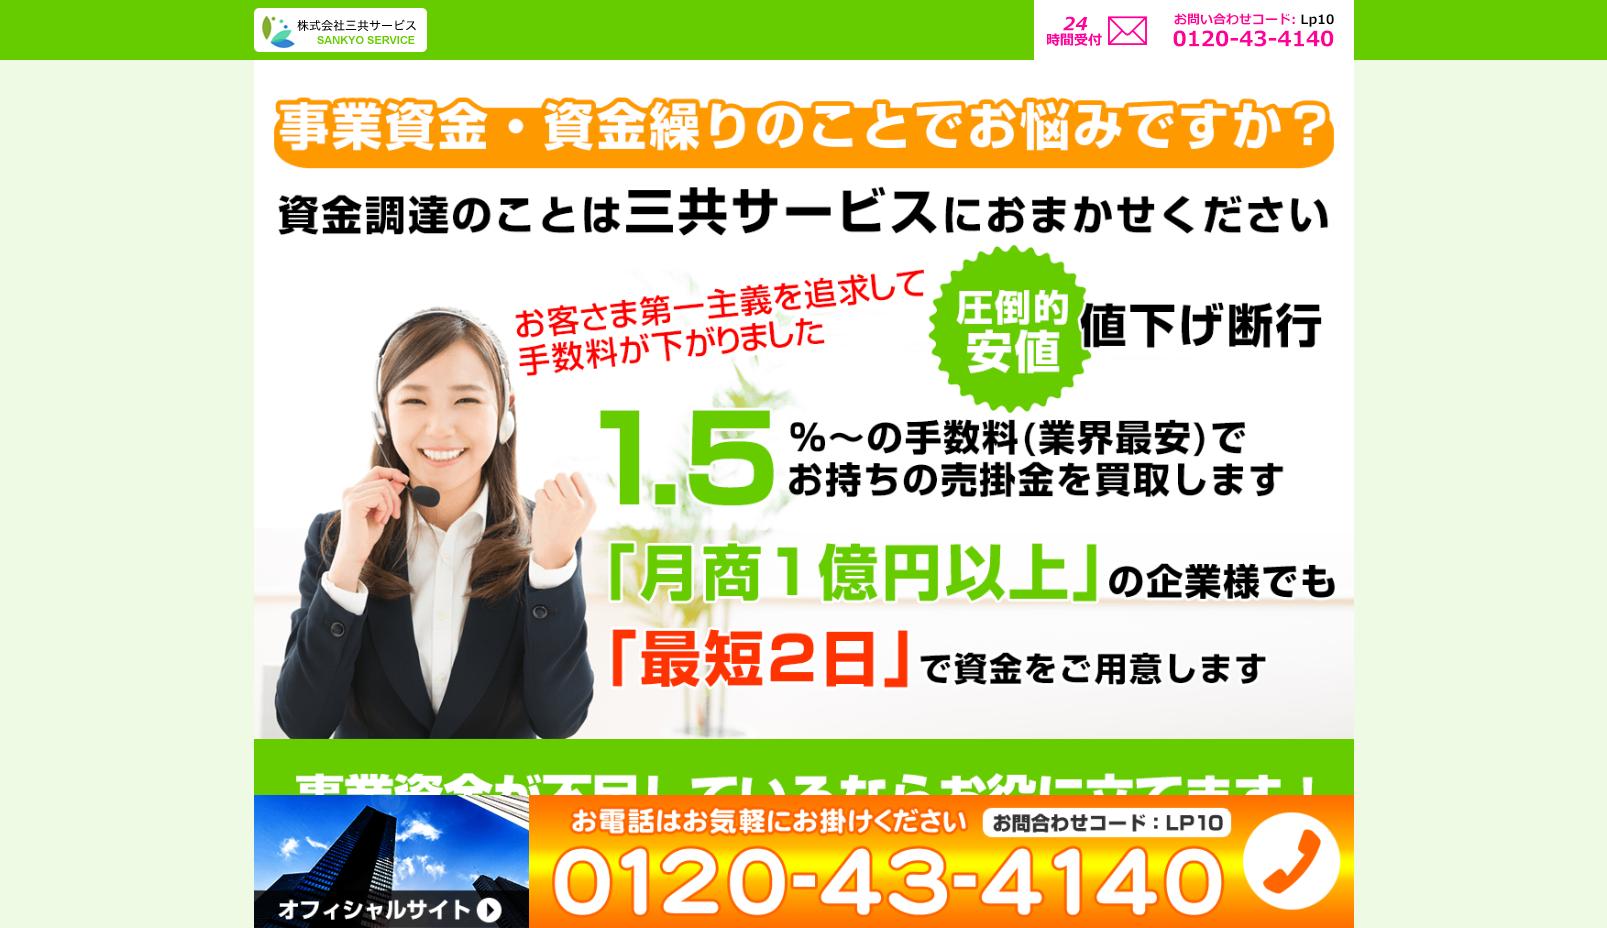 ファクタリングの株式会社三共サービス